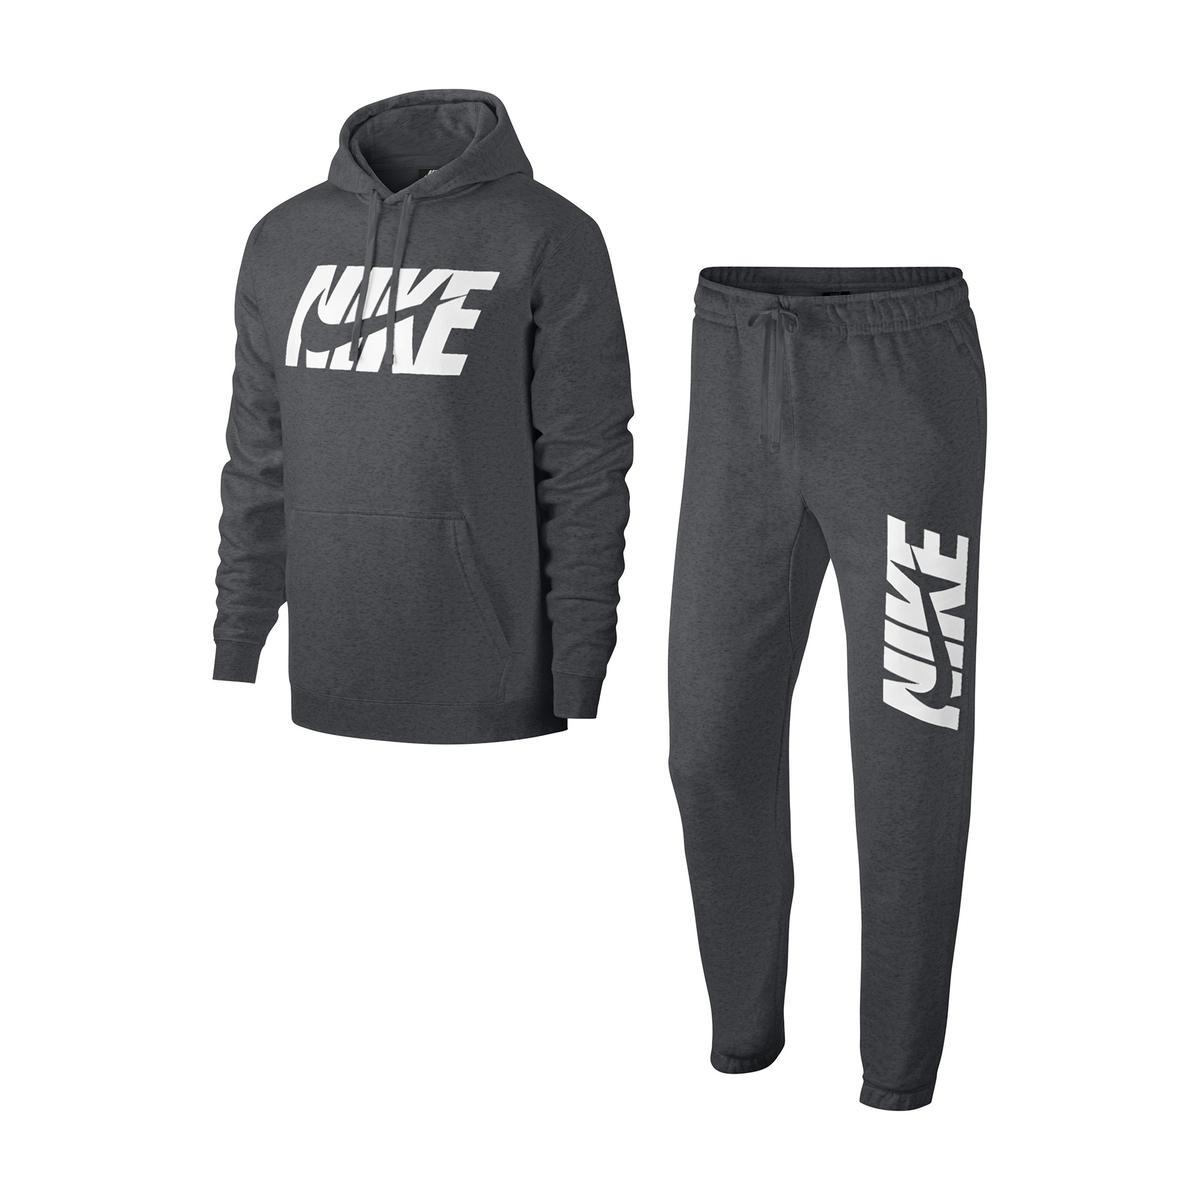 Chándal multideporte Sportswear